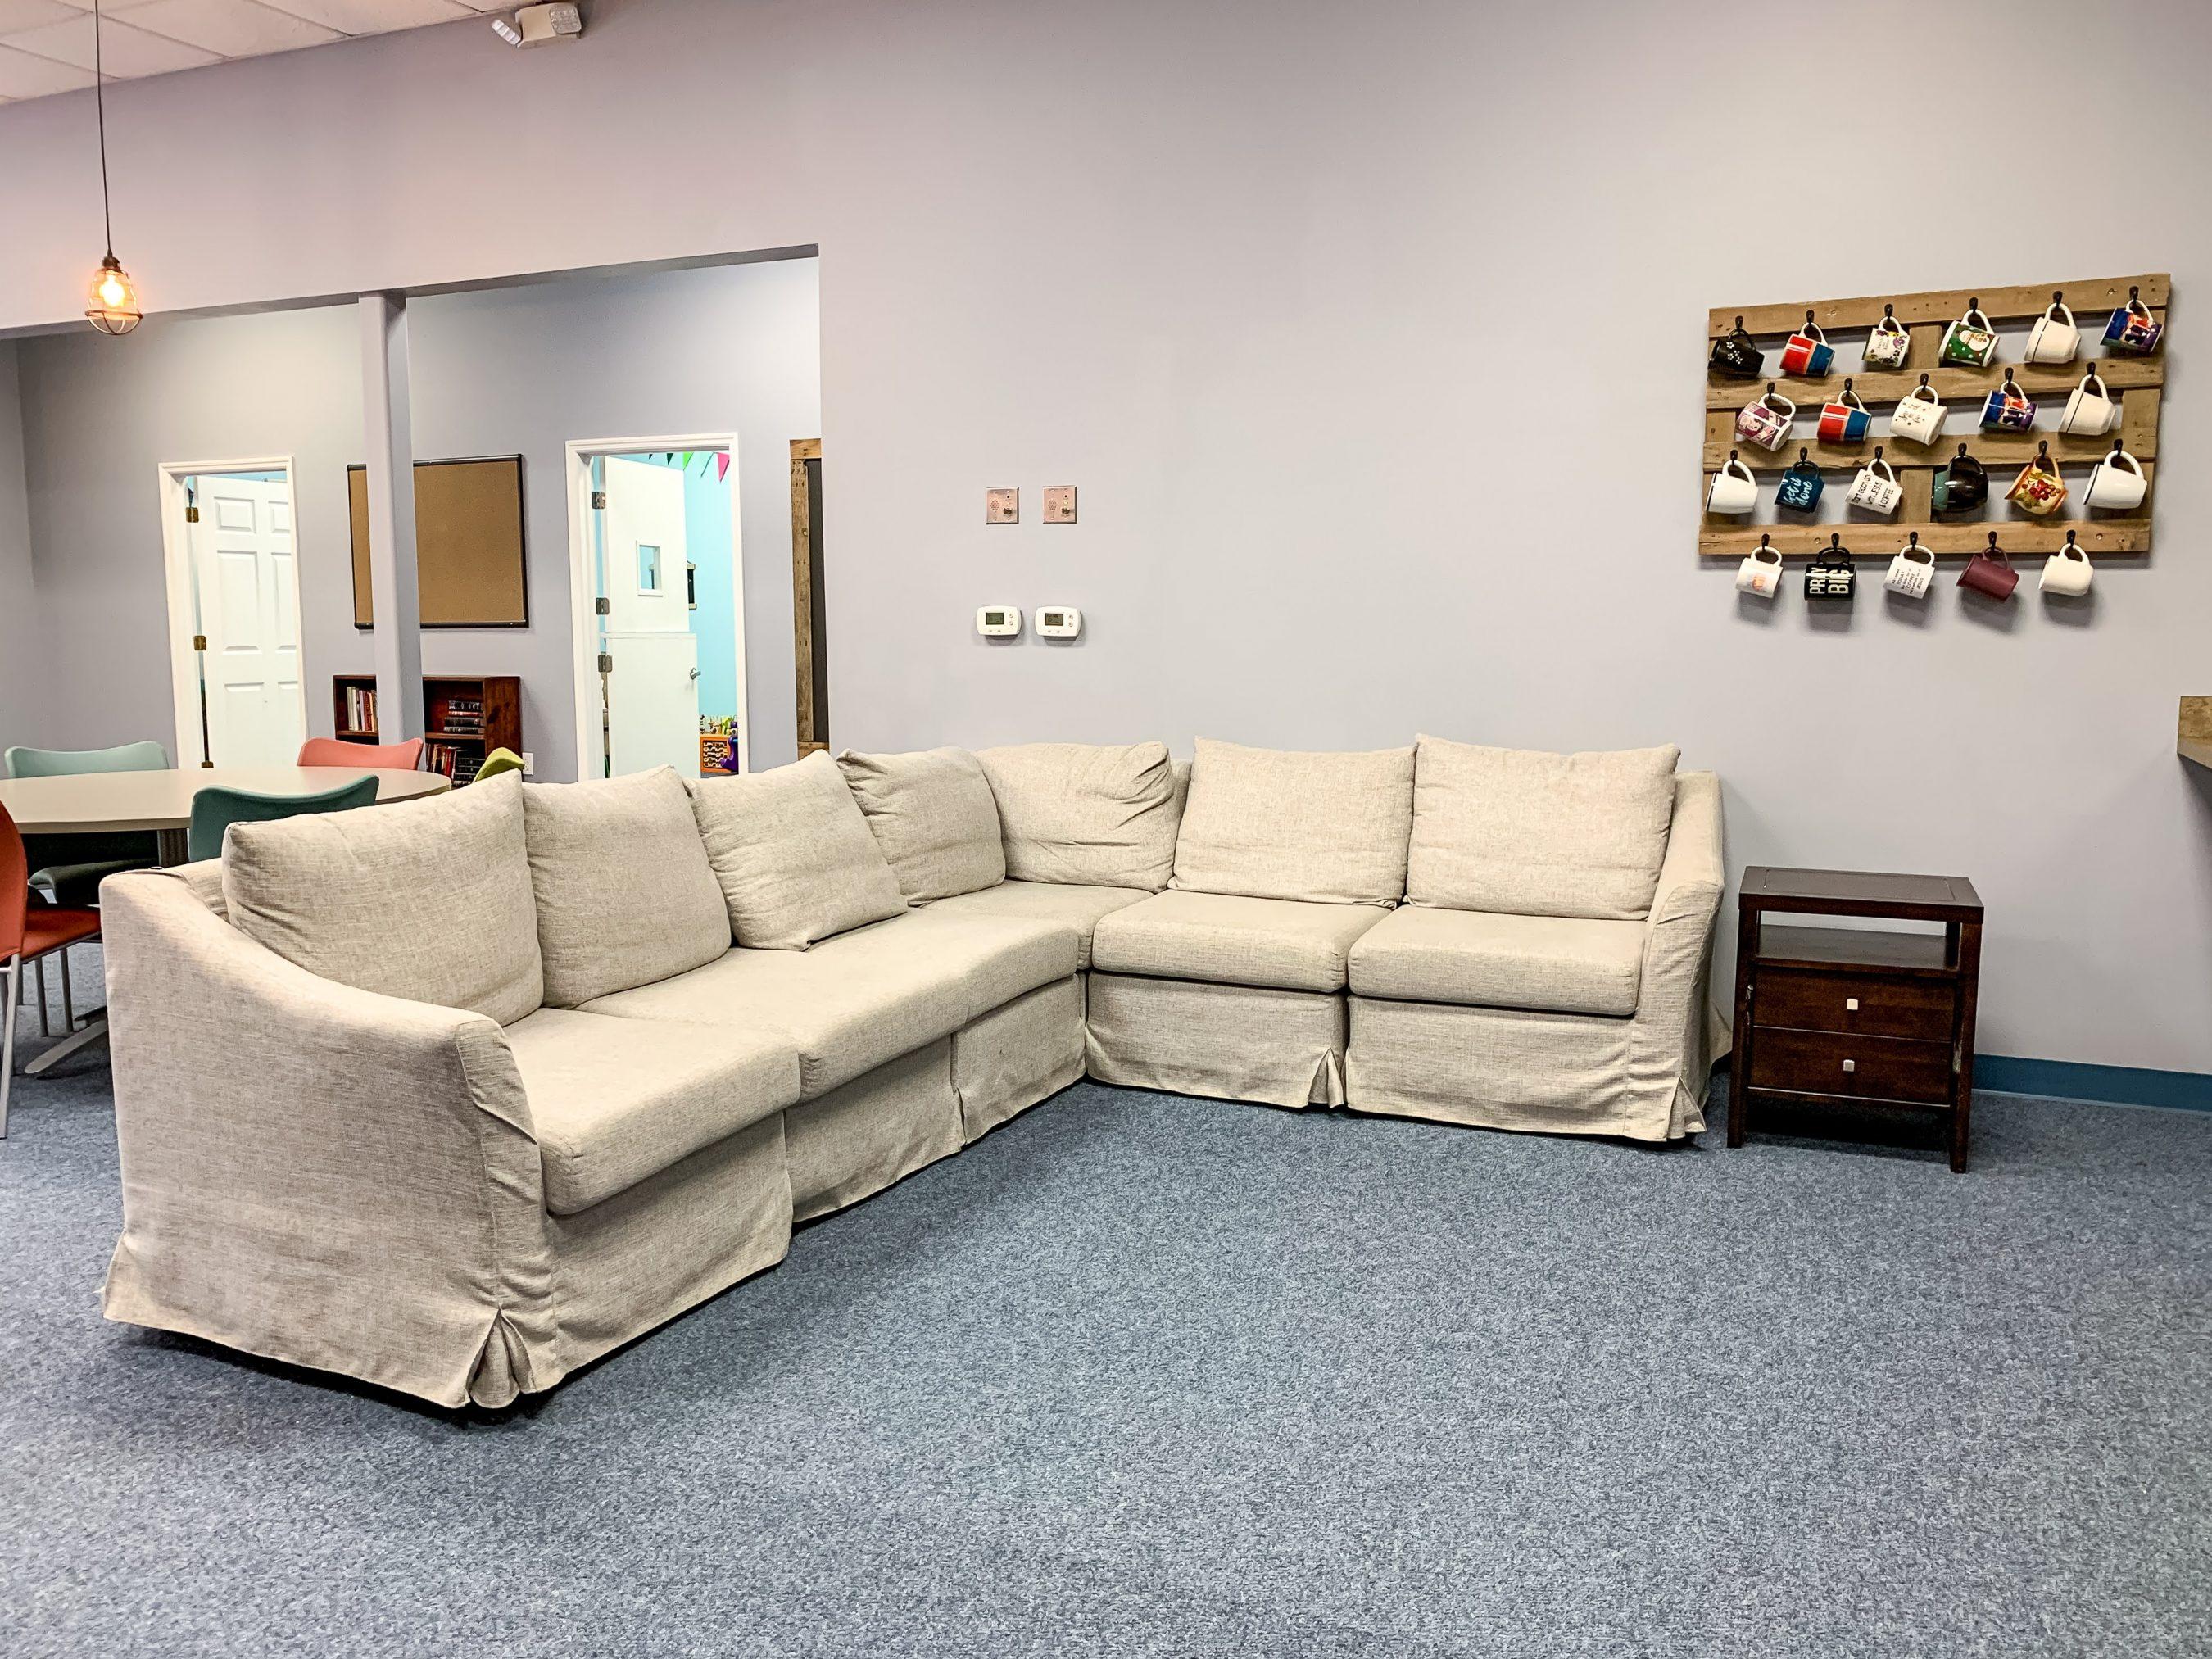 VC Lounge area